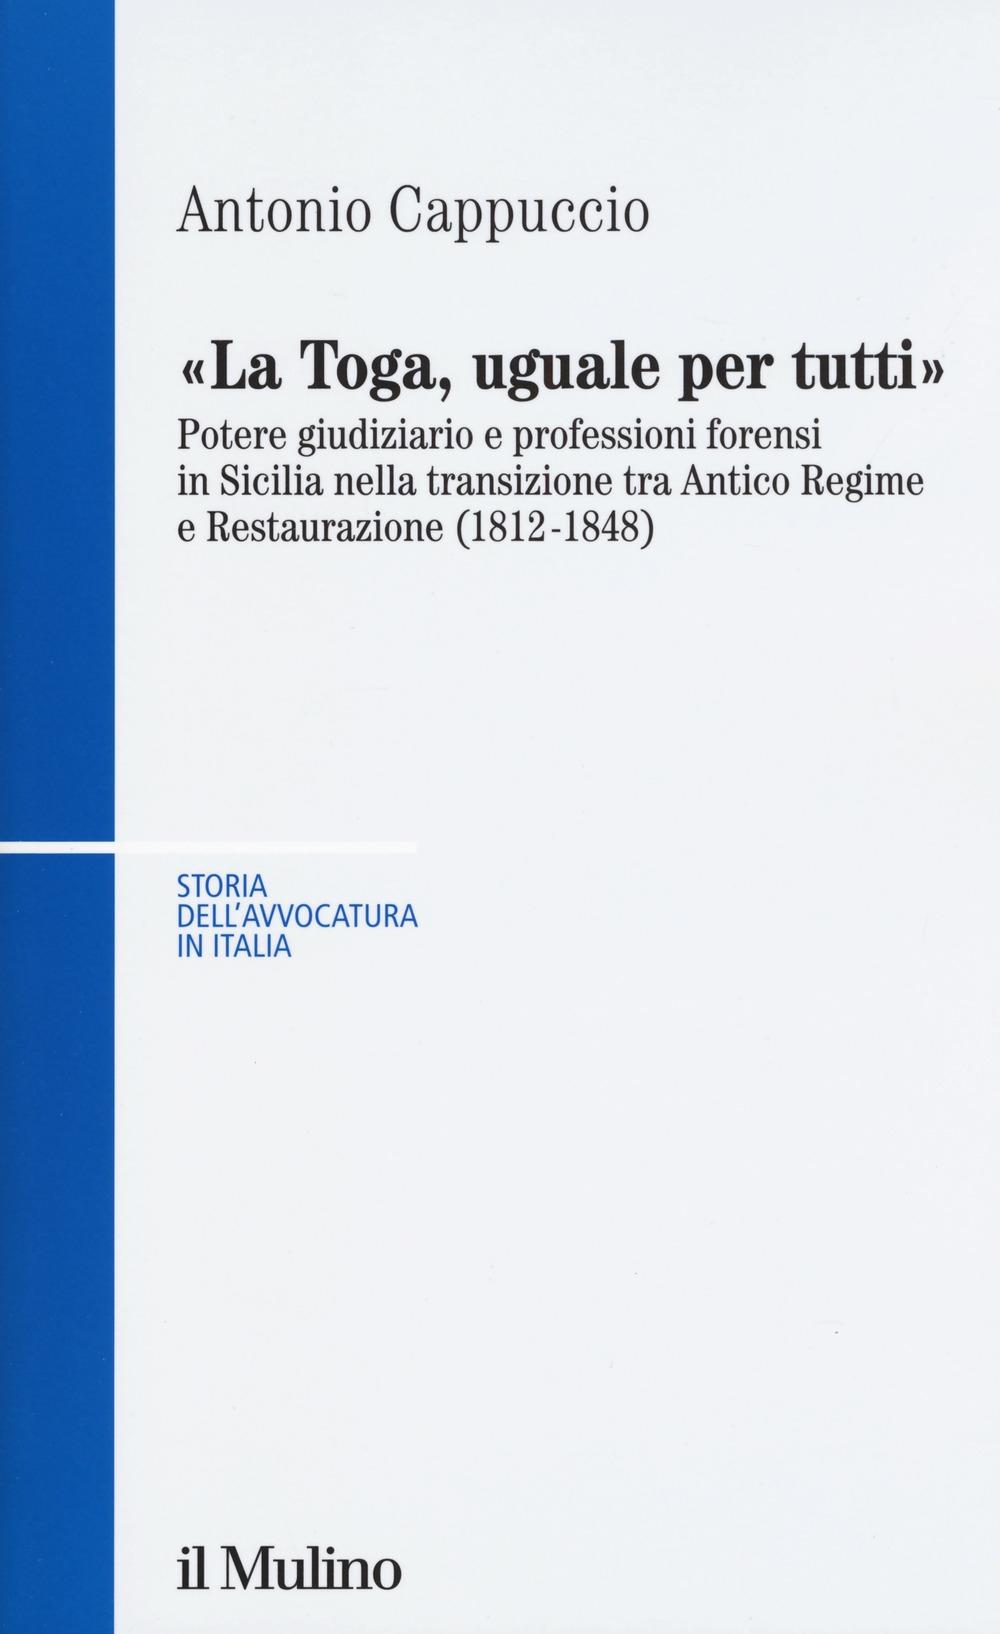 La toga, uguale per tutti. Potere giudiziario e professioni forensi in Sicilia nella transizione tra antico regime e restaurazione (1812-1848)